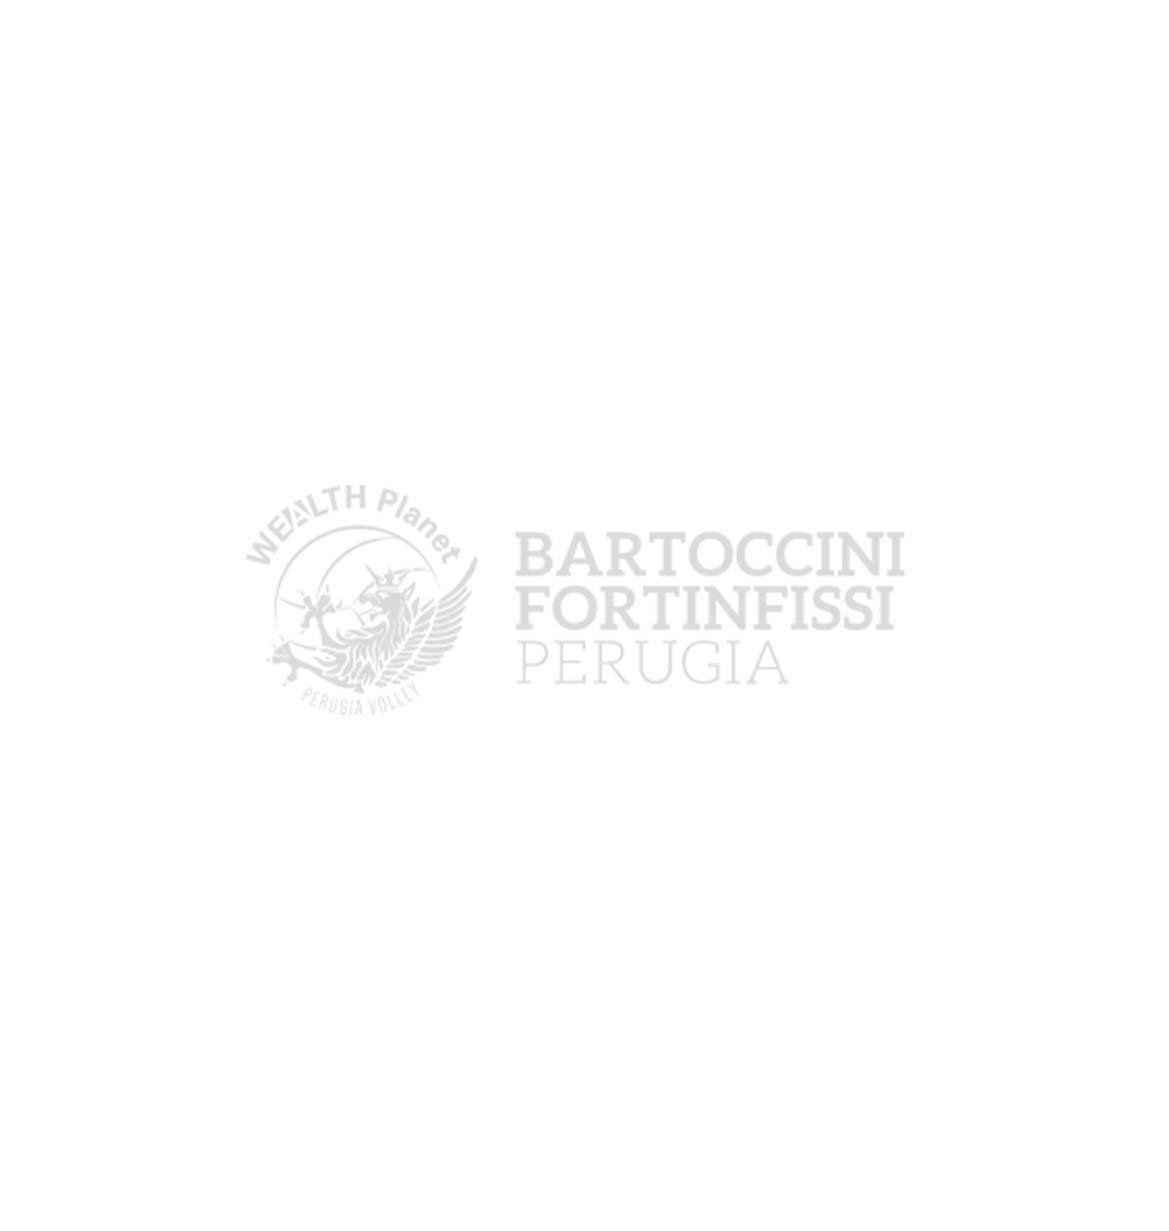 bartoccini.jpg